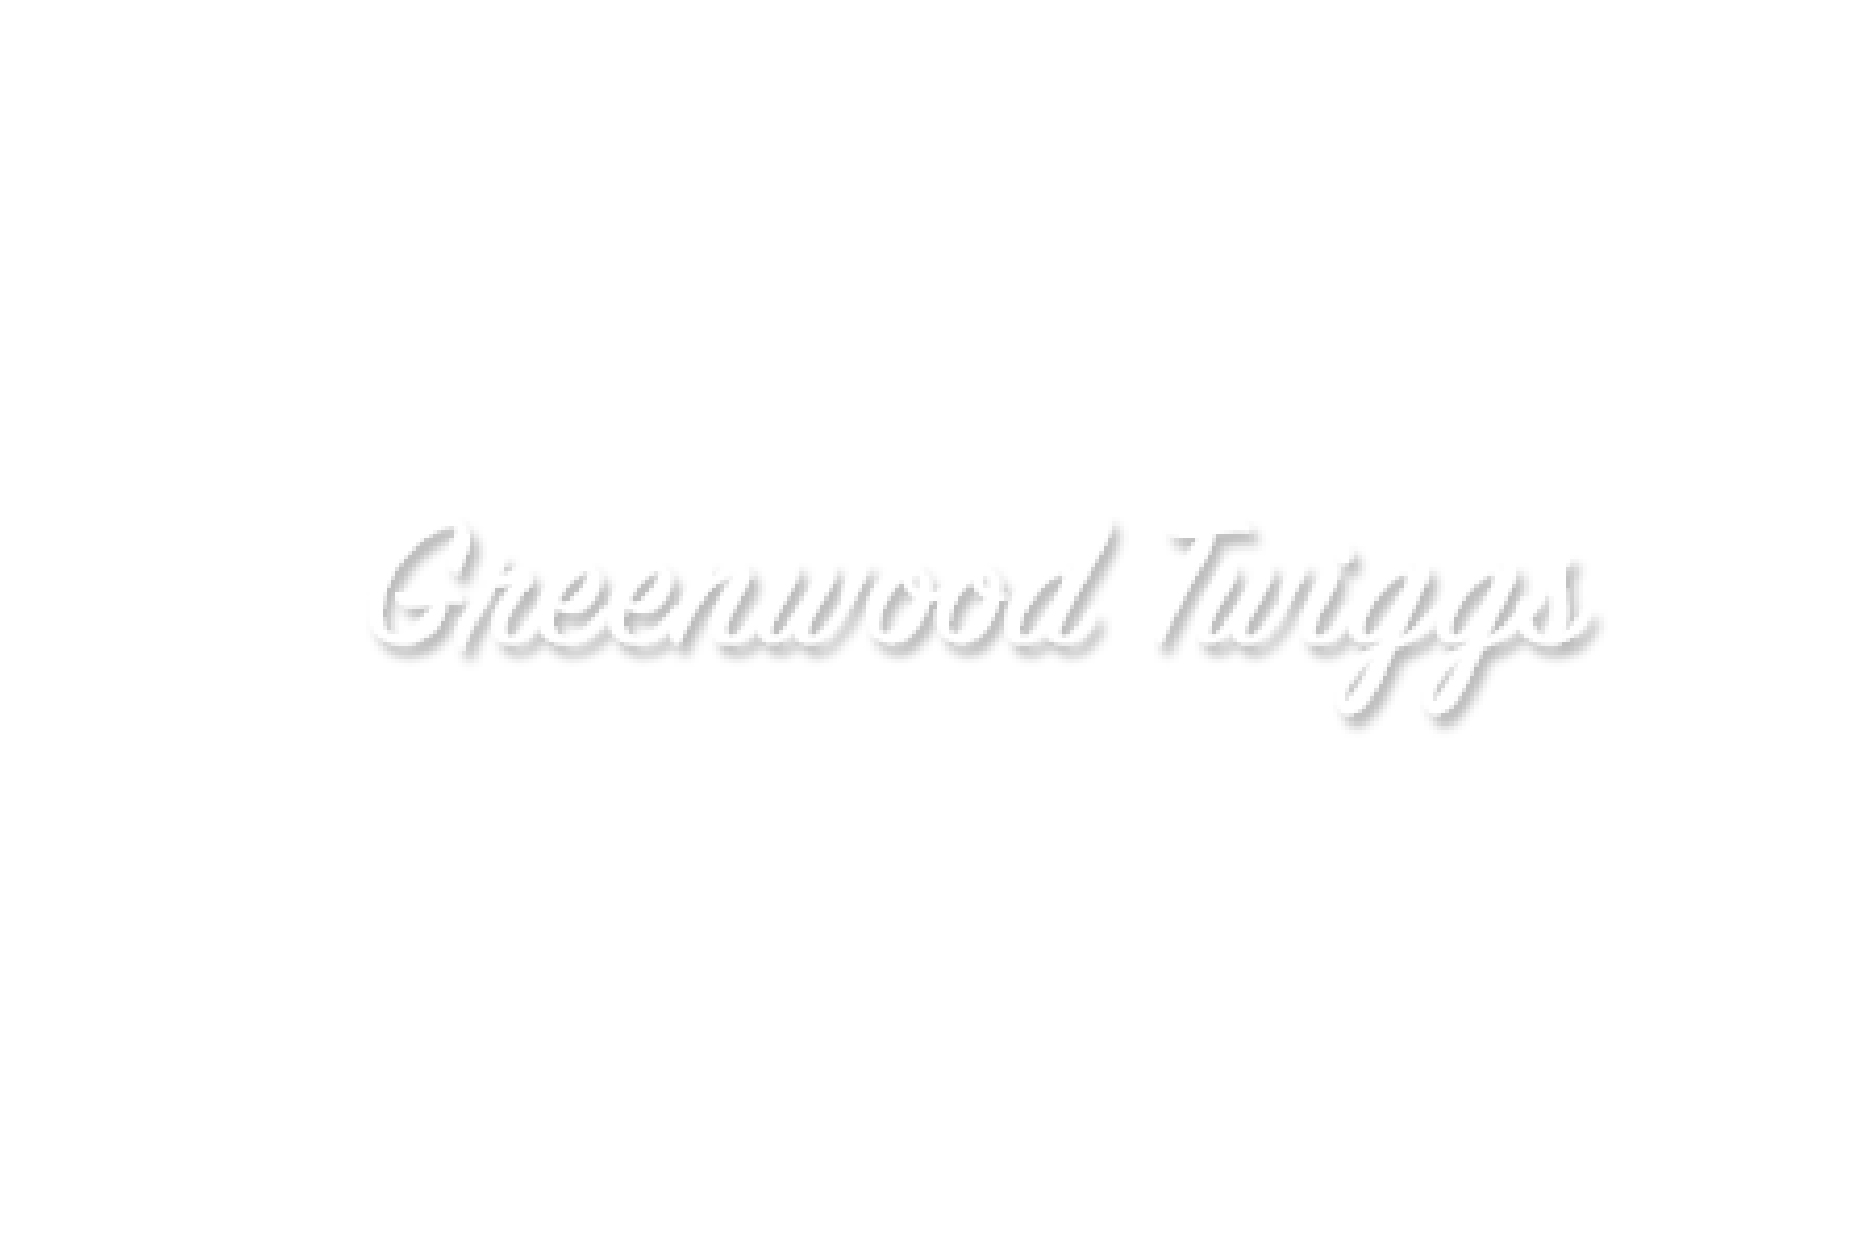 Greenwood Twiggs